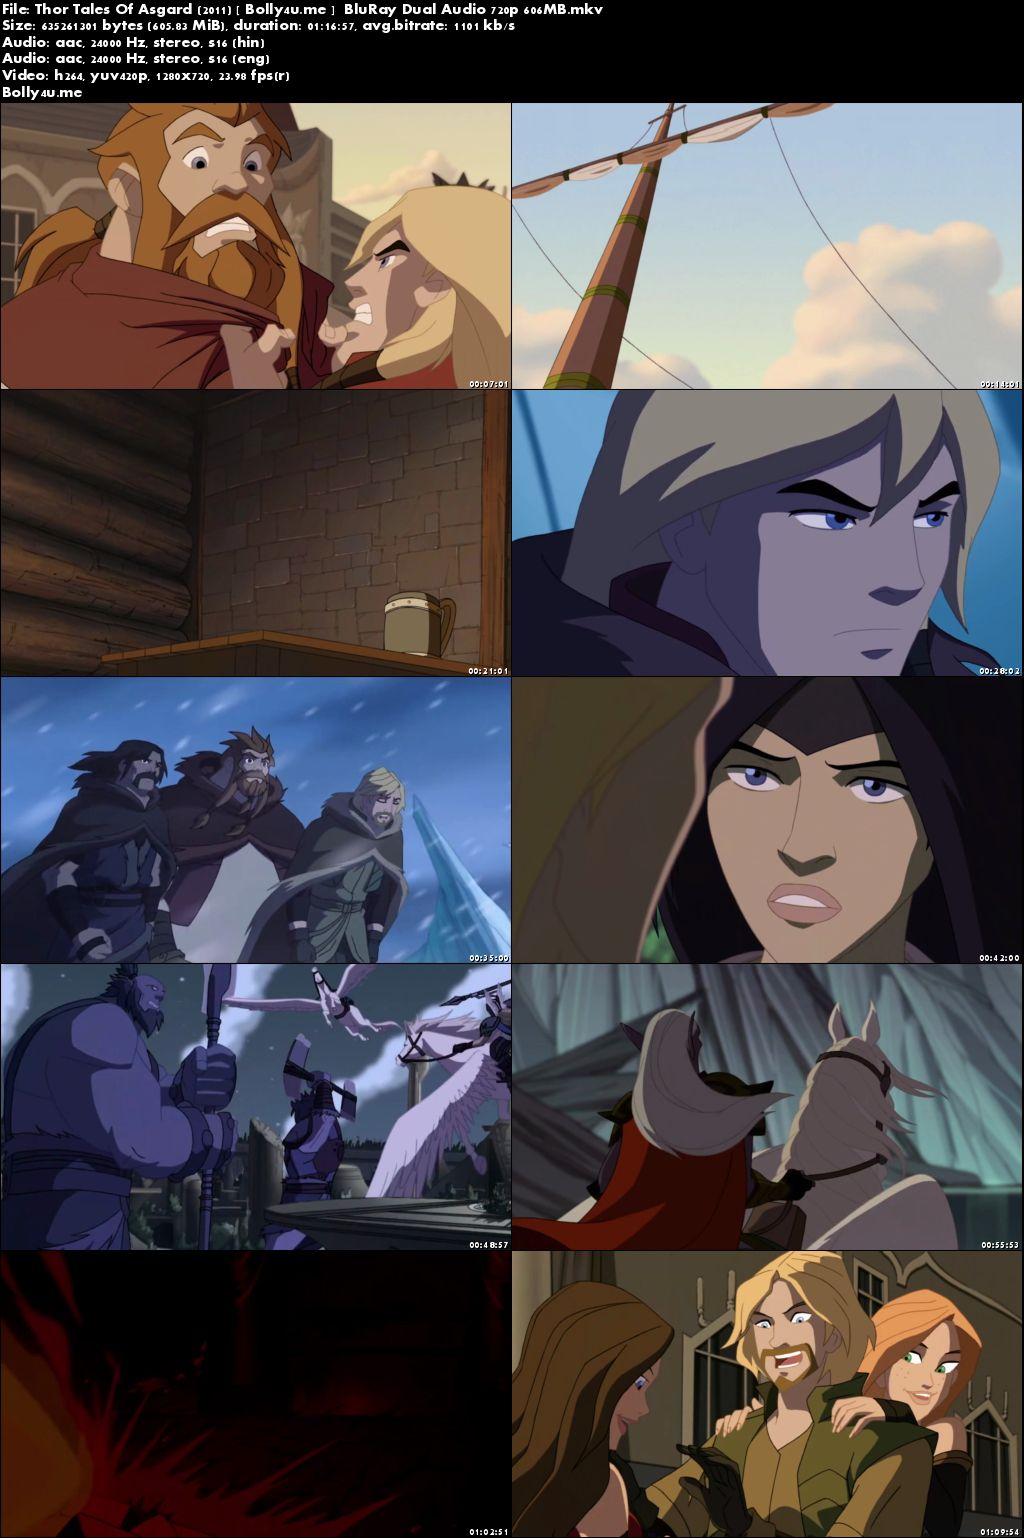 Thor Tales Of Asgard 2011 BluRay 600MB Hindi Dual Audio 720p Download